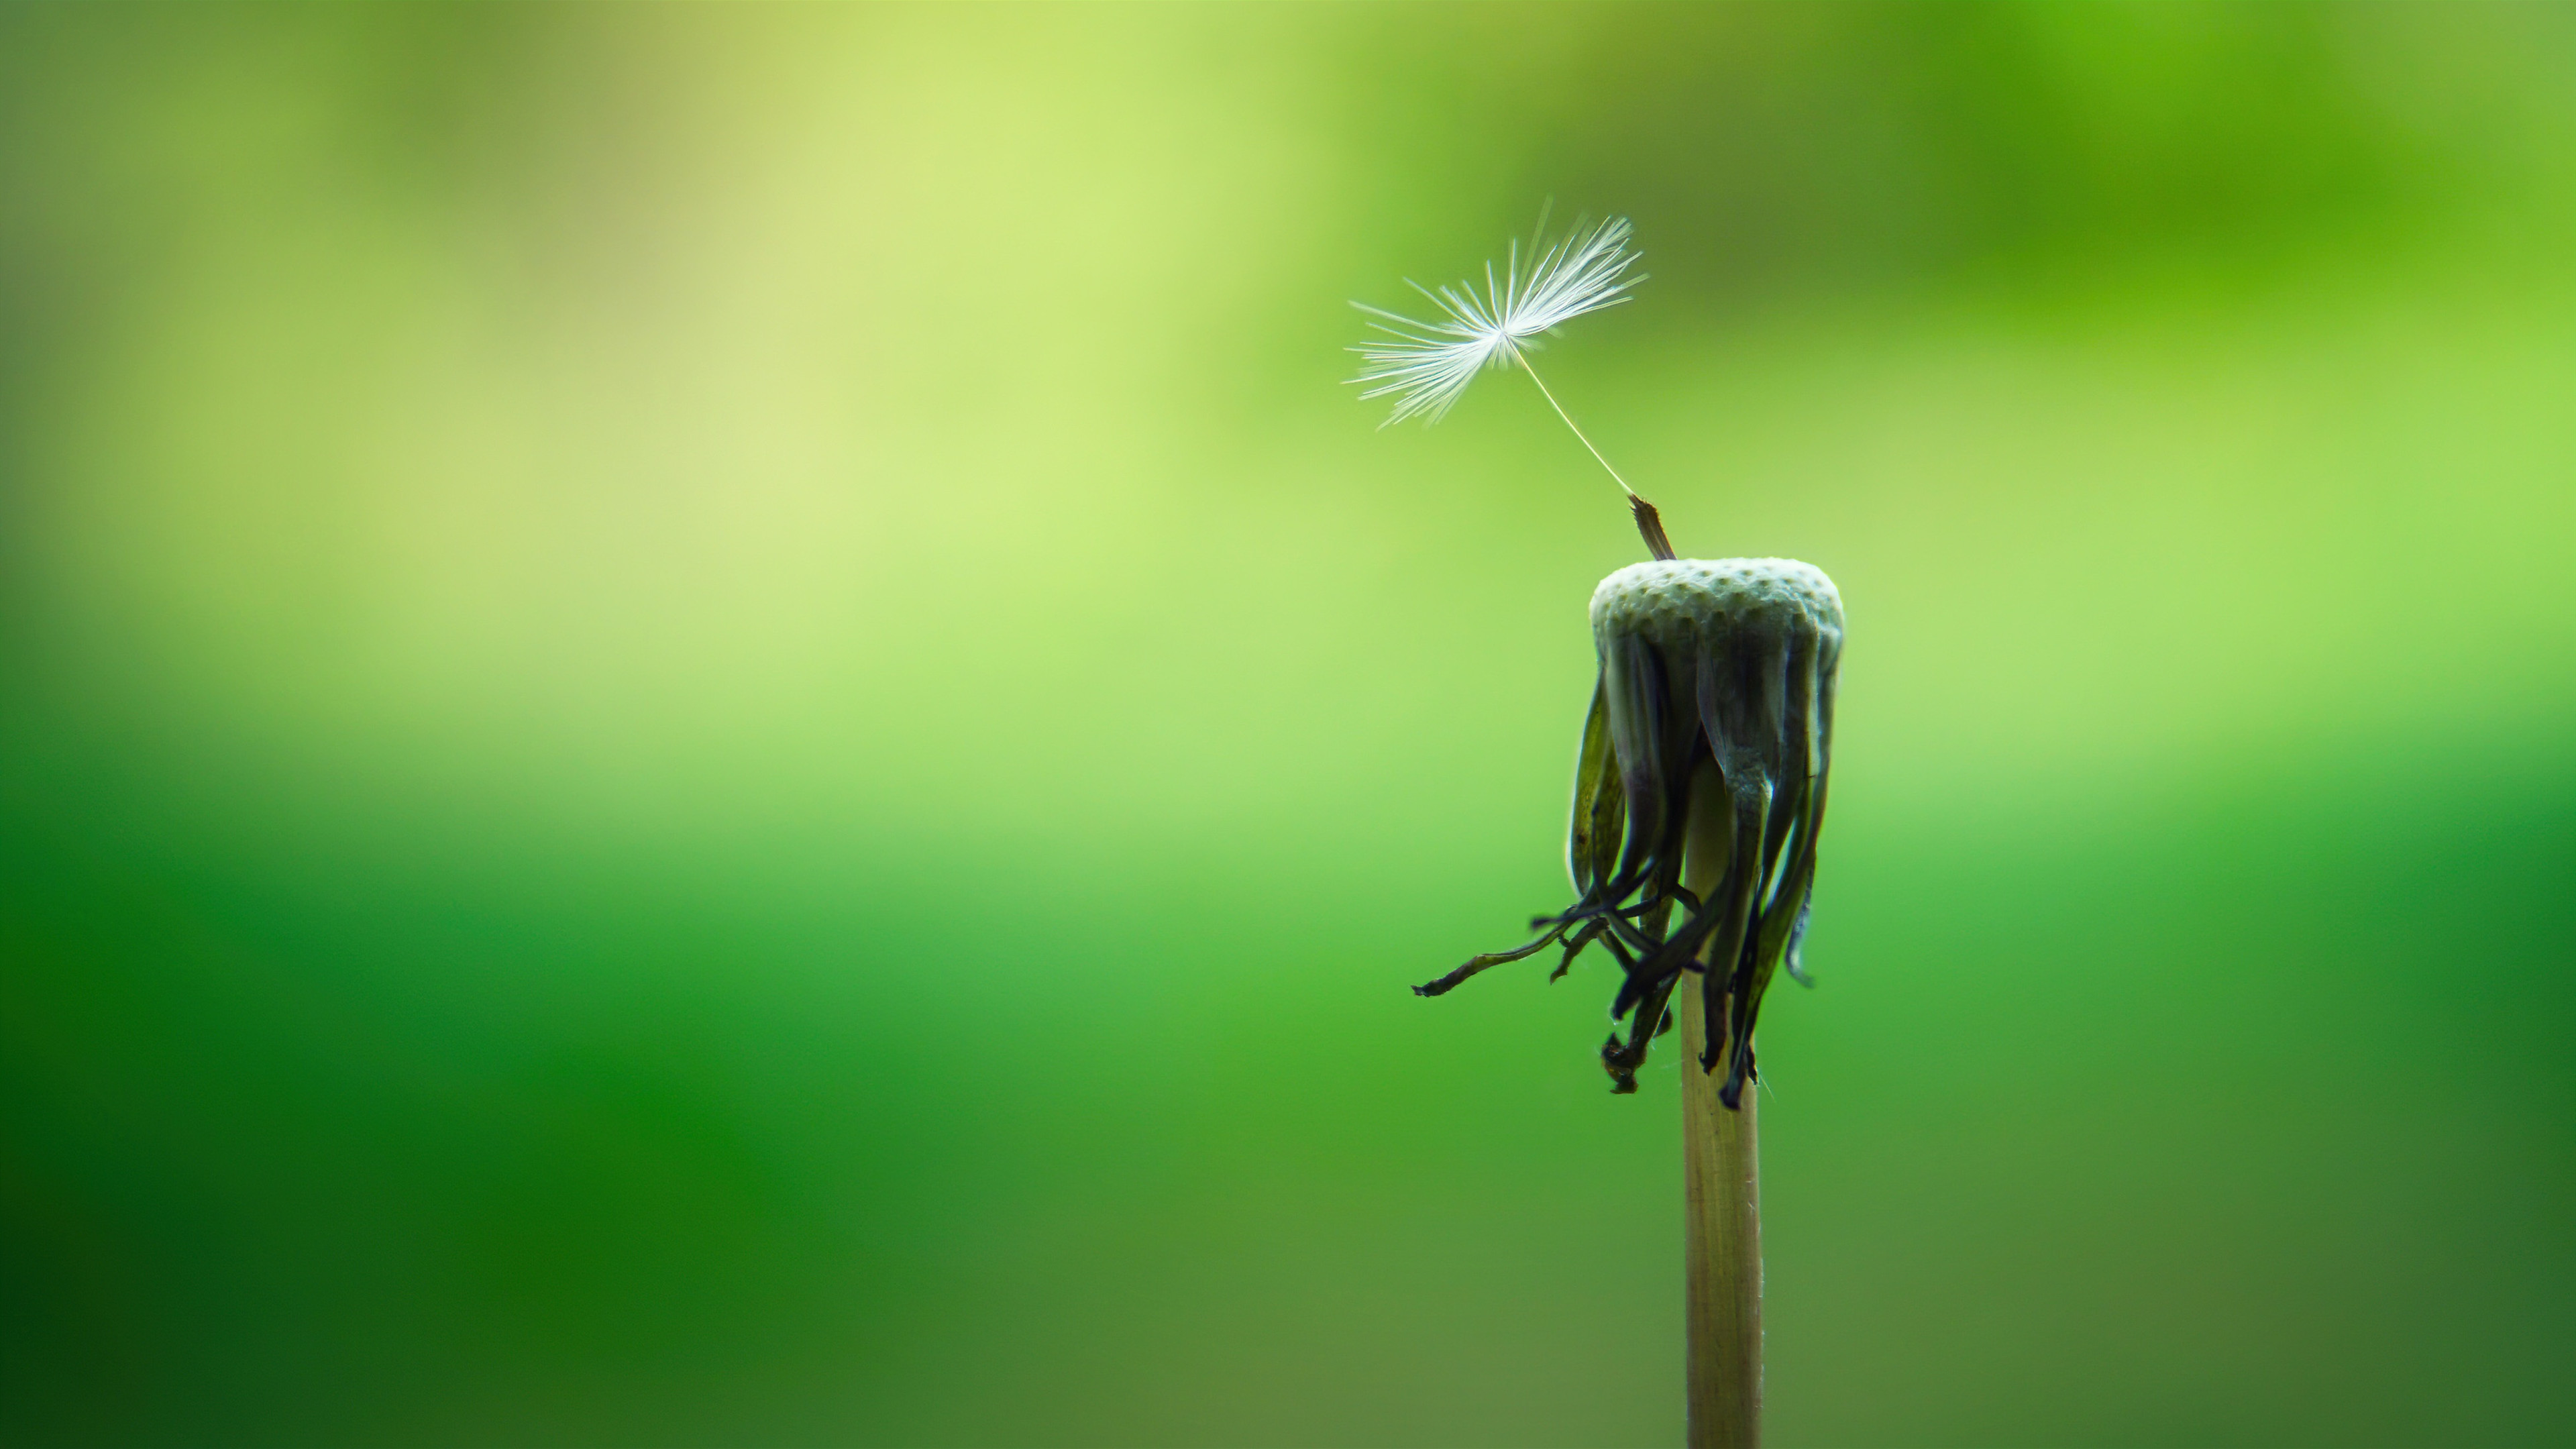 春潮春去,花开花落,只有您依然如旧。-觅爱图